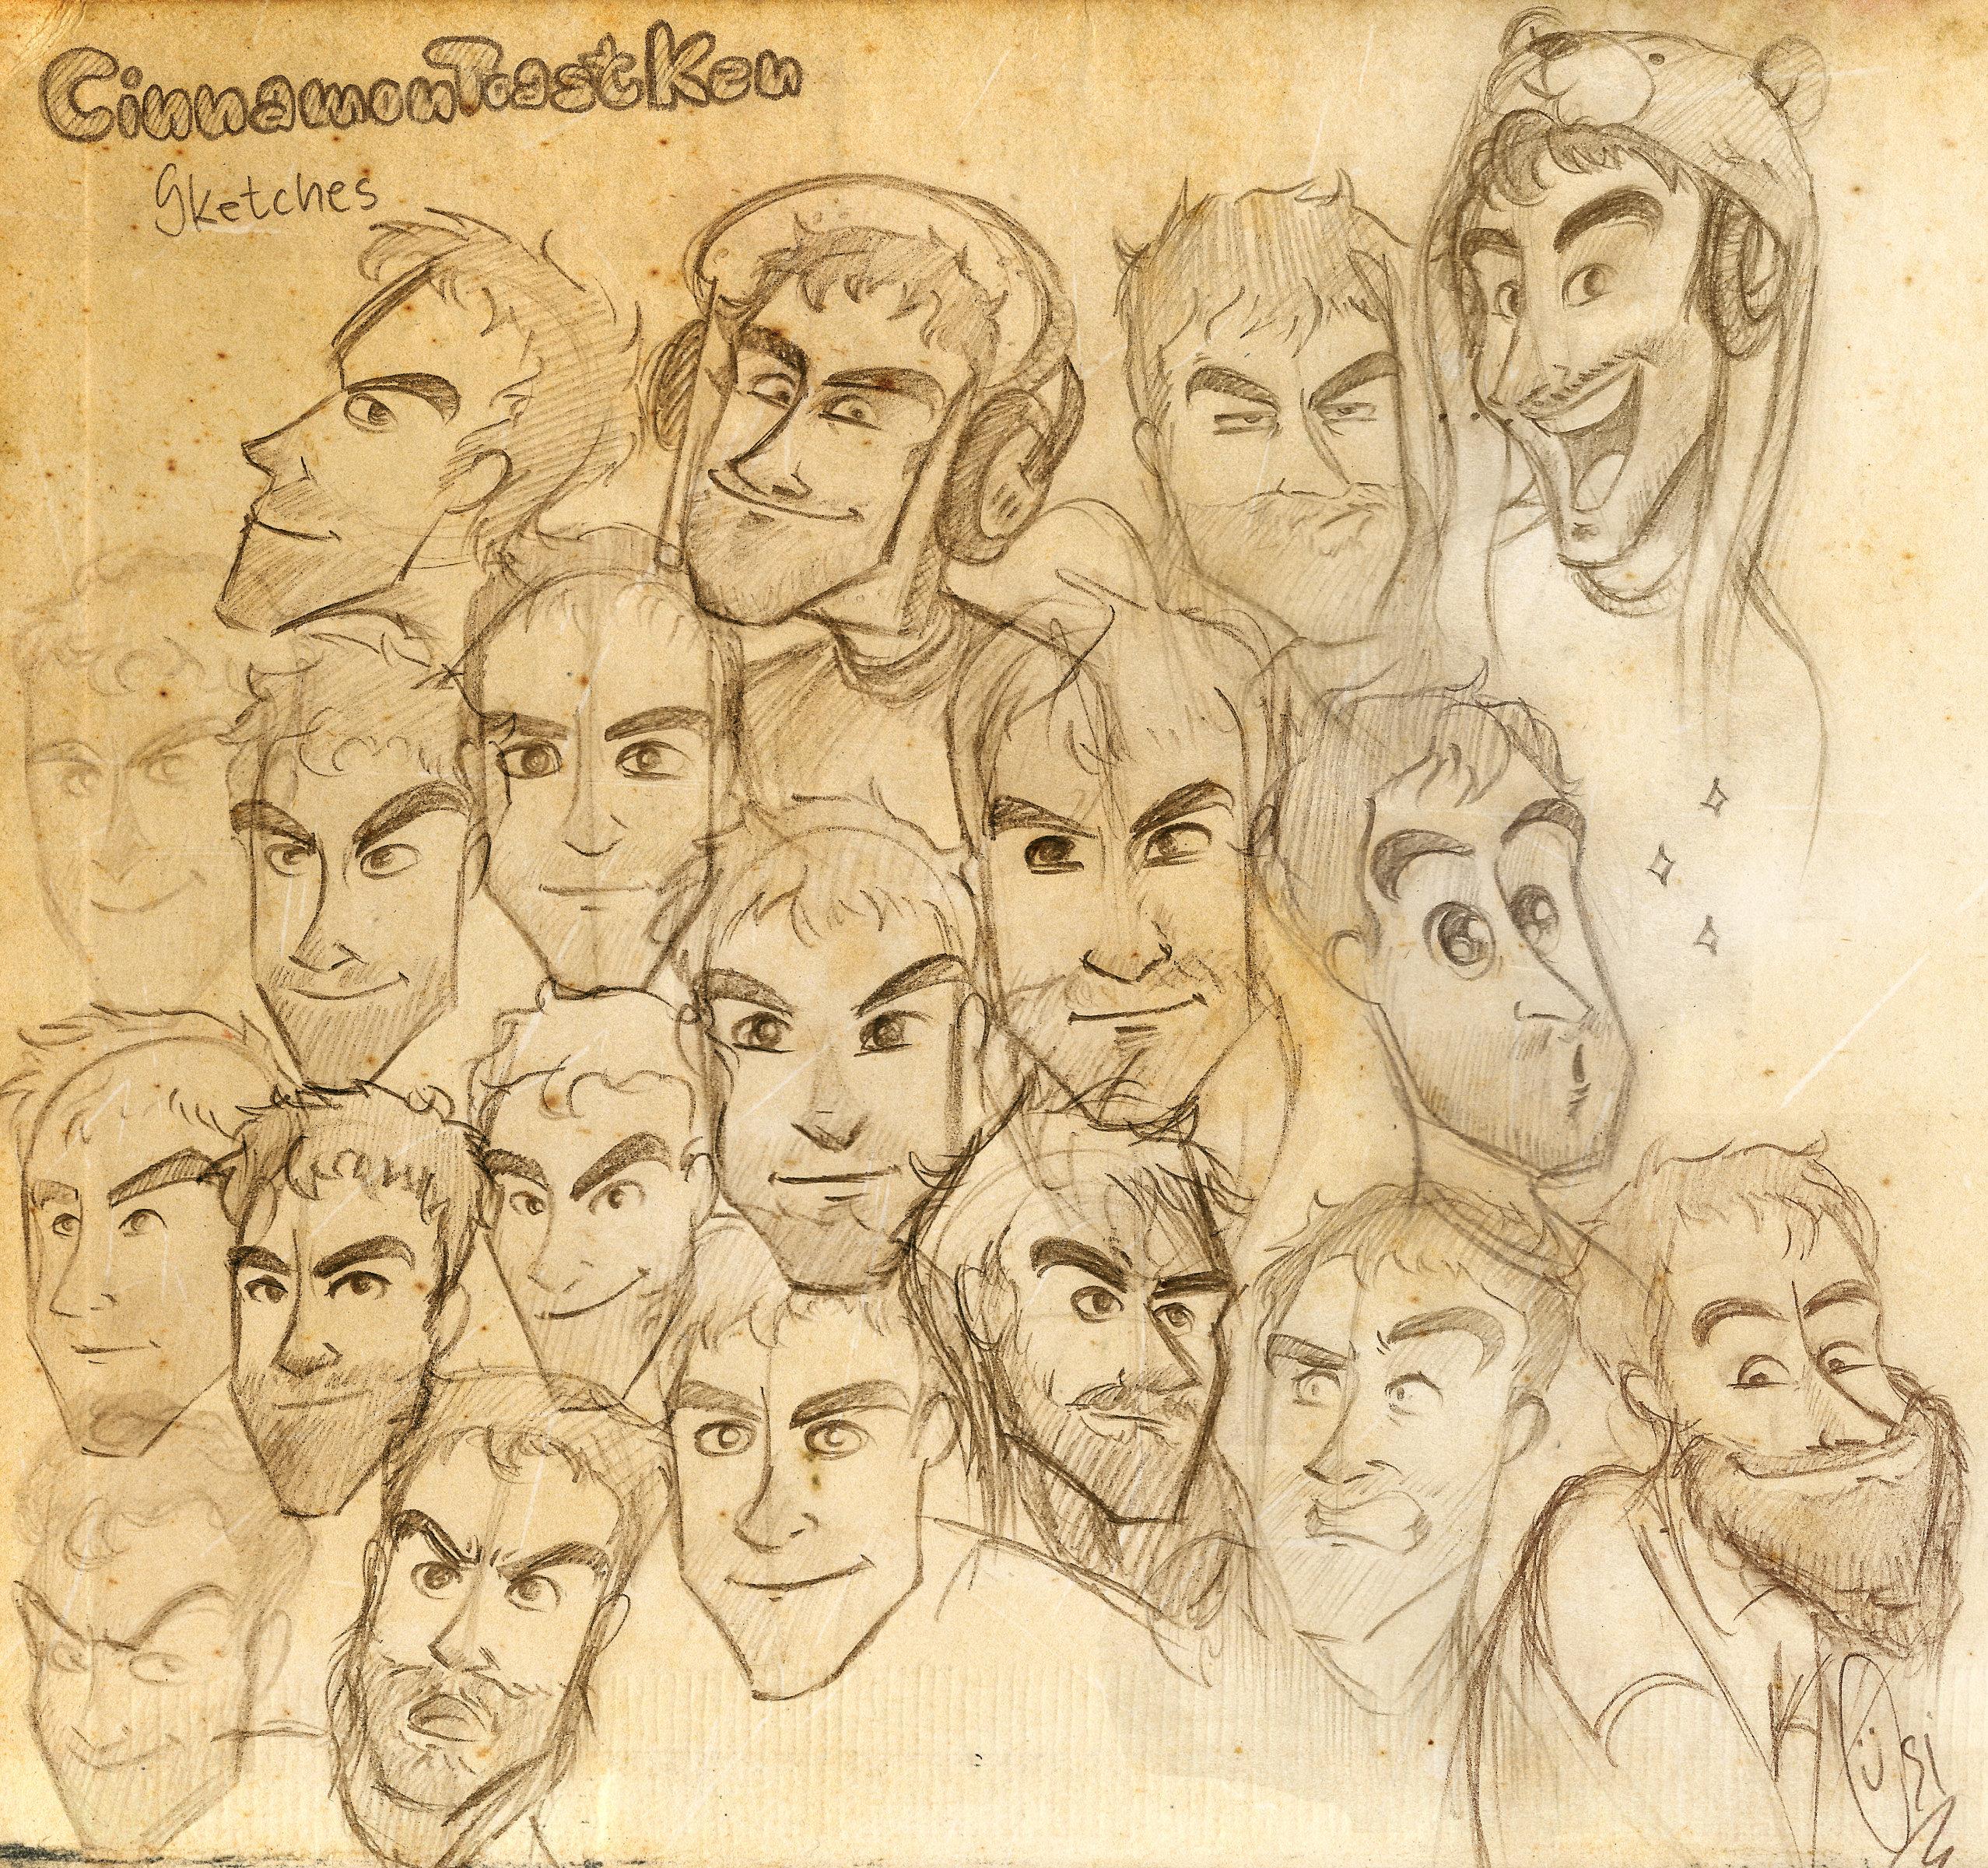 Scribblenetty Drawing : Cinnamontoastken sketches by scribblenetty on deviantart